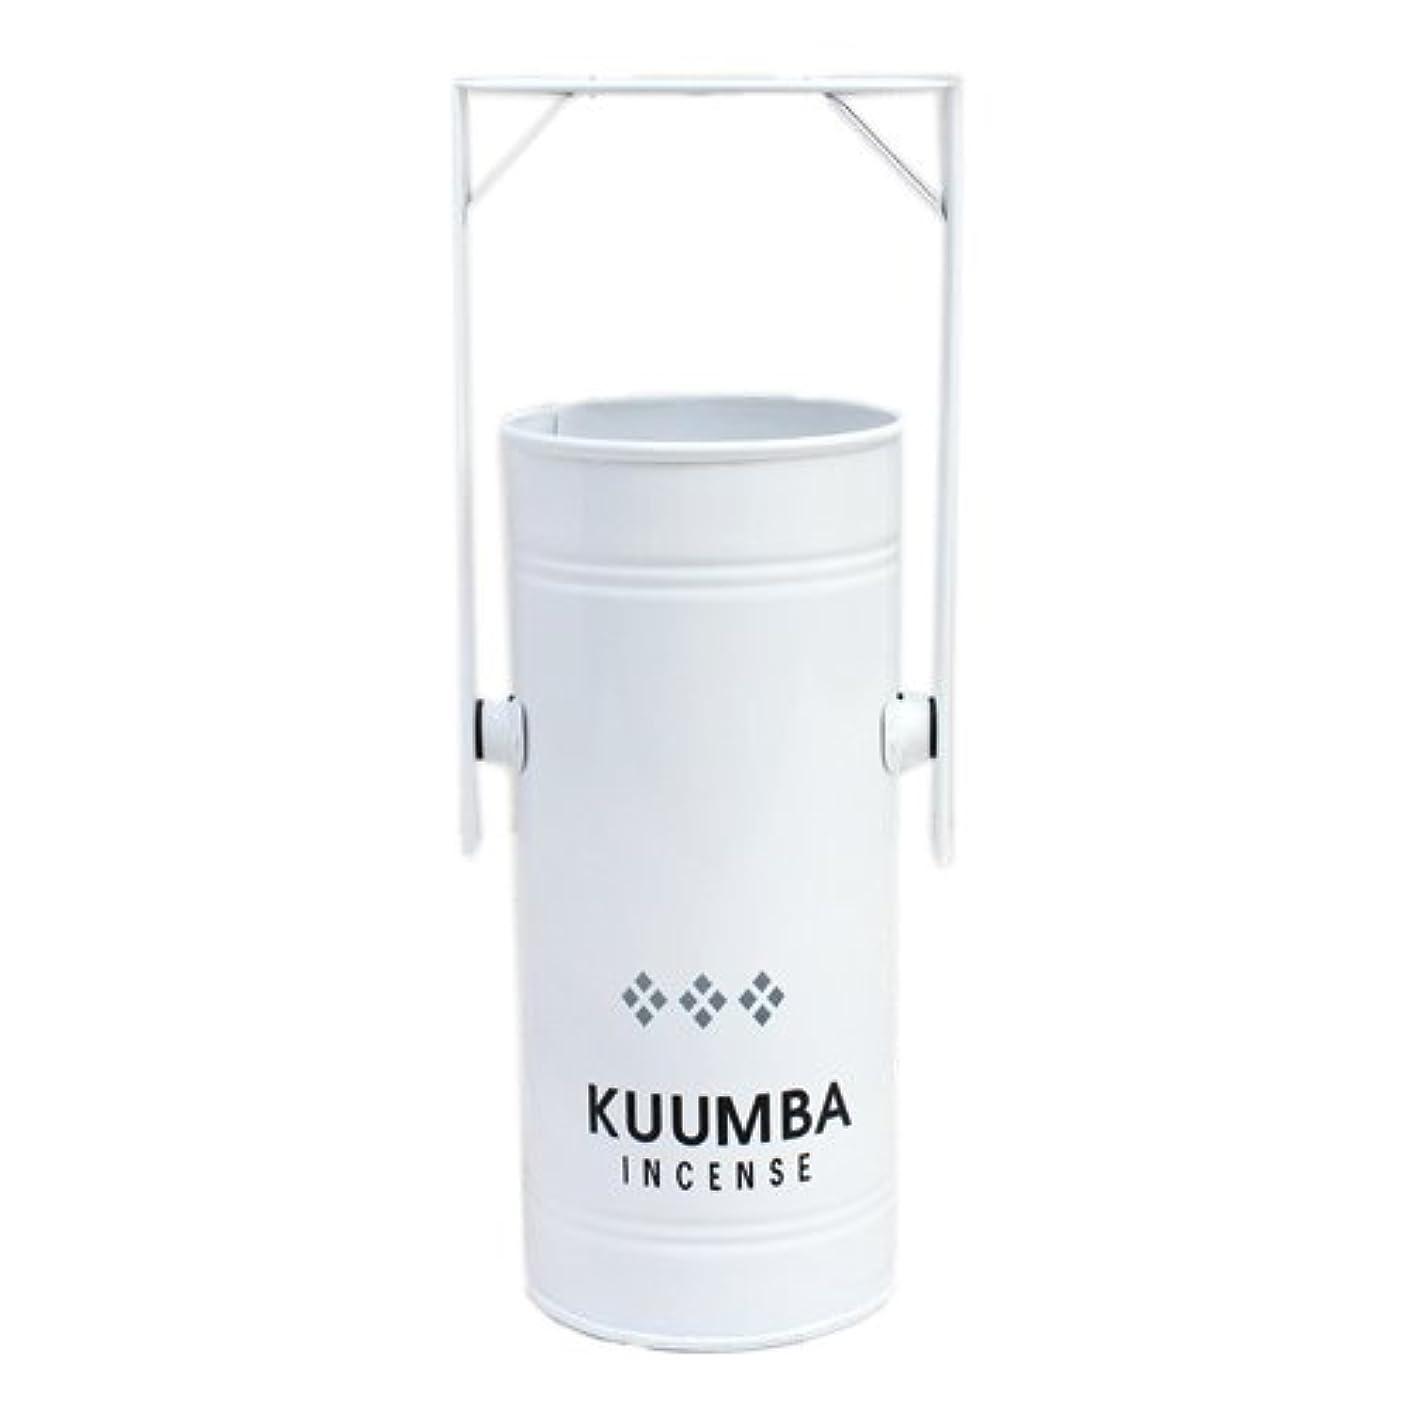 匿名一般的なコンプリートKUUMBA (クンバ)『INCENSE BURNER-Regular』(WHITE) (ONE SIZE, WHITE)